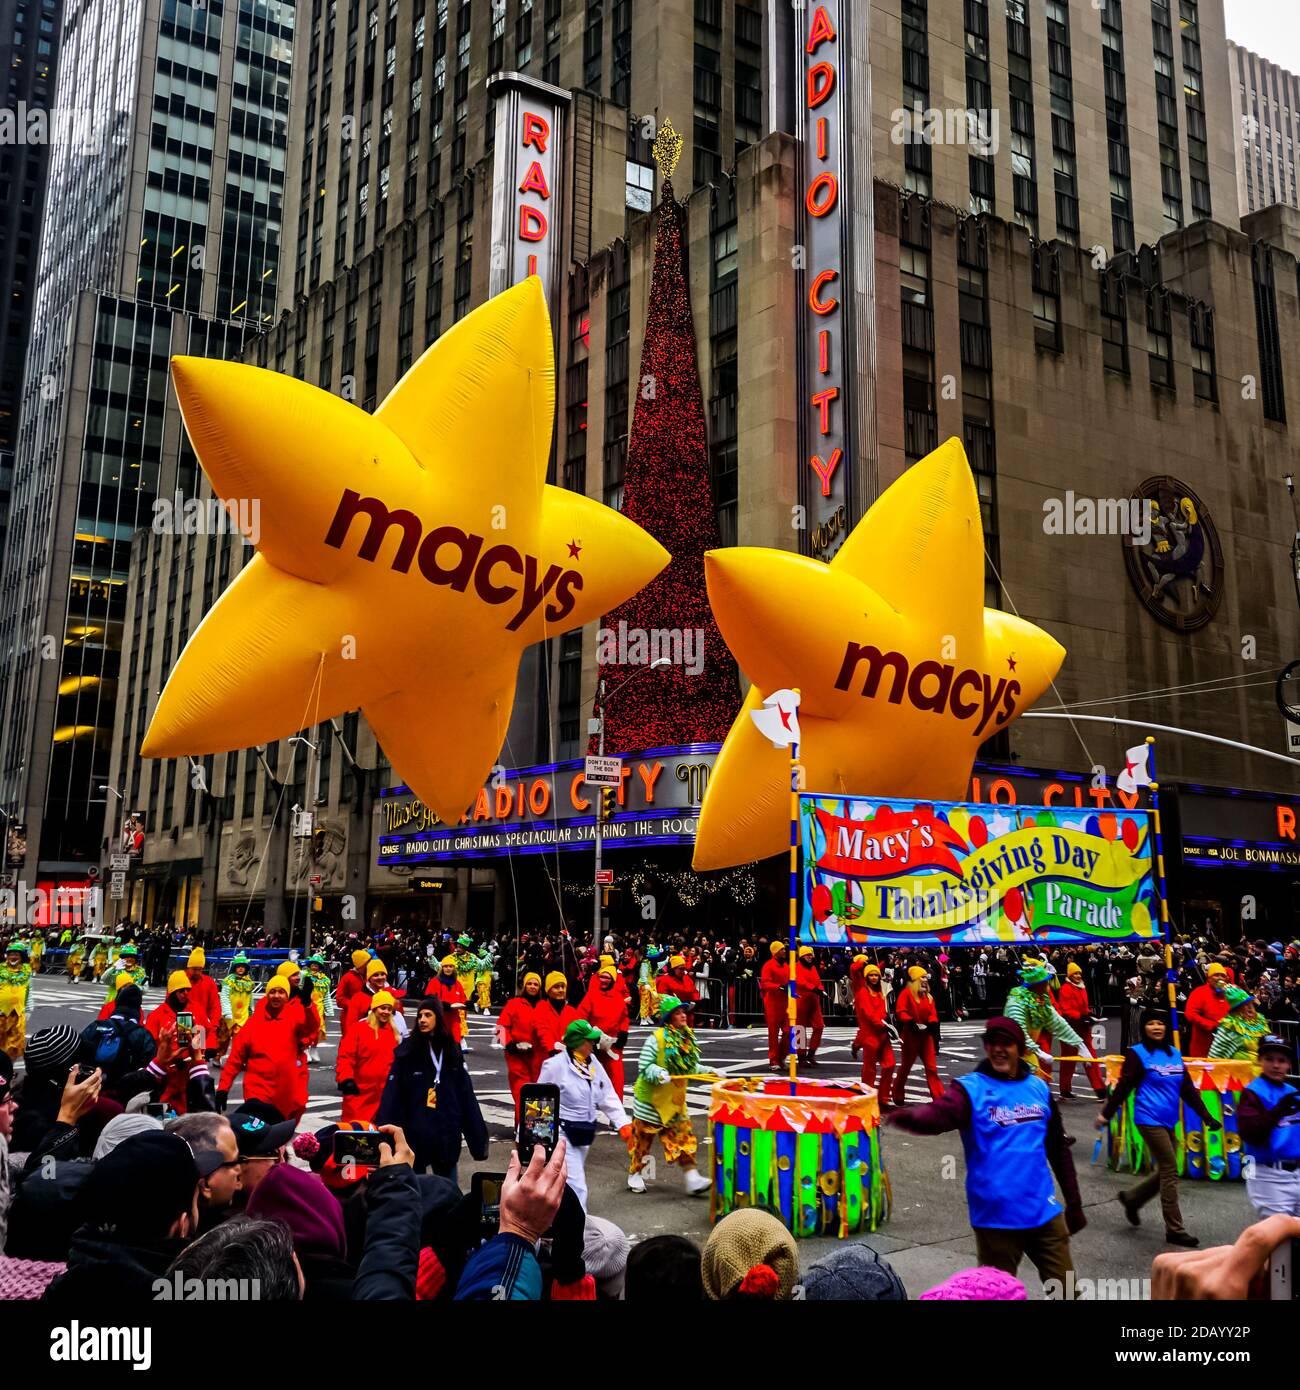 El desfile anual del día de Acción de Gracias de Macy a lo largo de la Avenida de las Américas con globos flotando en el aire. Foto de stock